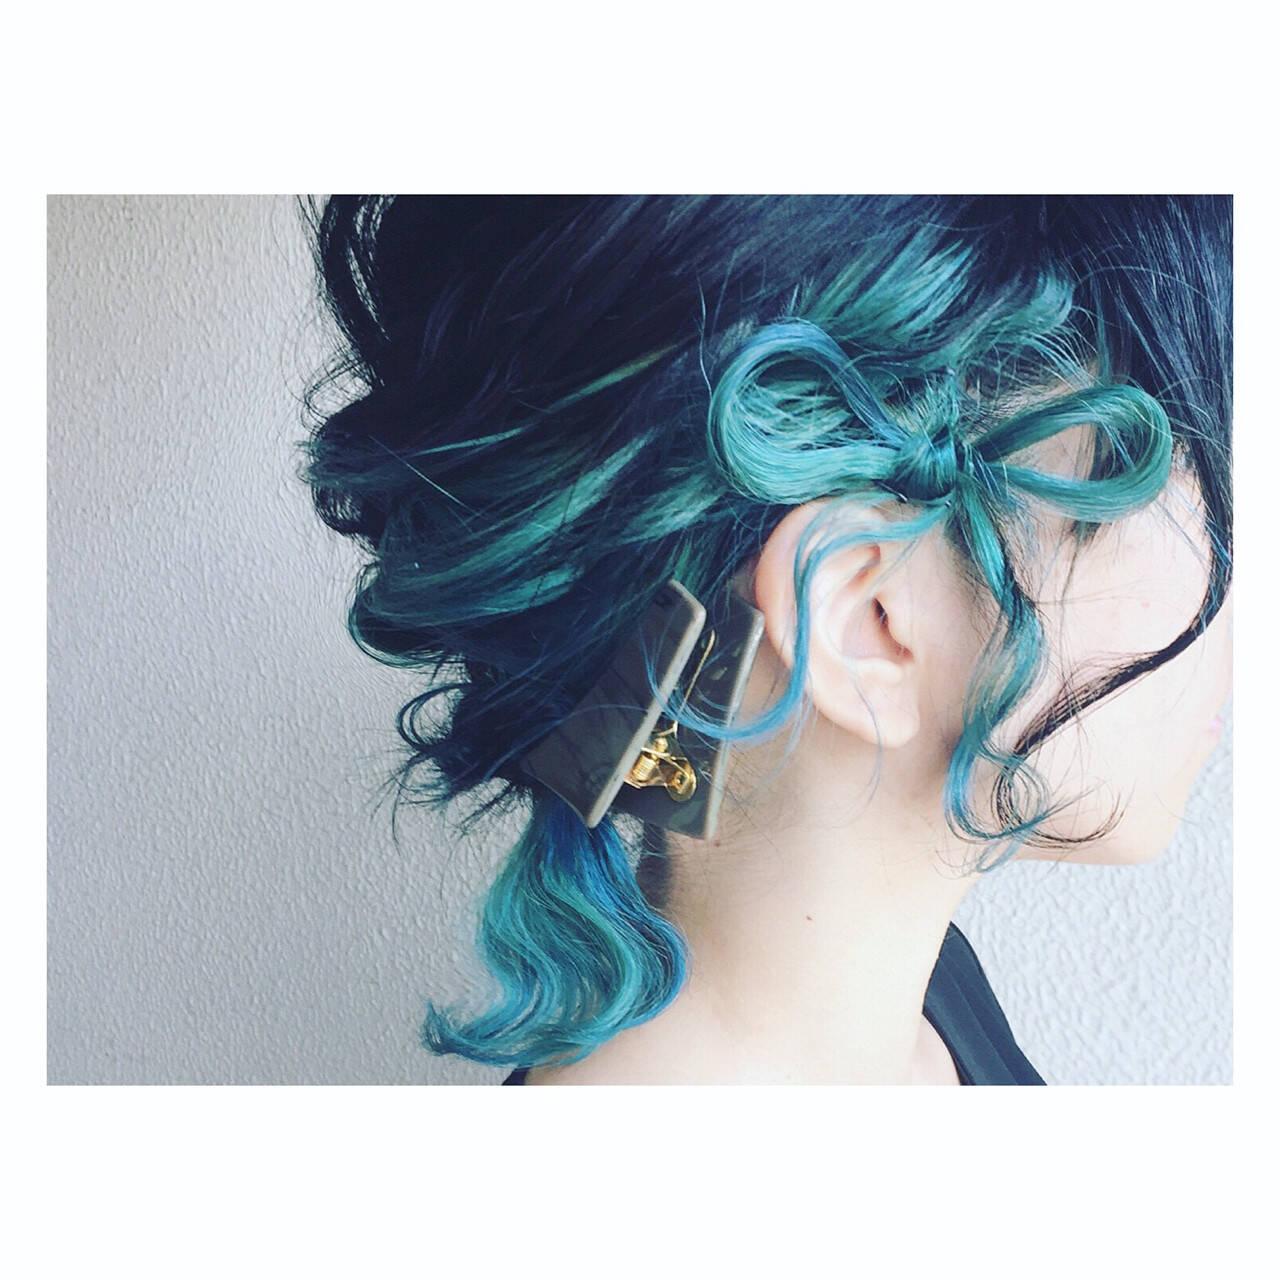 モード ウェットヘア ヘアアレンジ かっこいいヘアスタイルや髪型の写真・画像